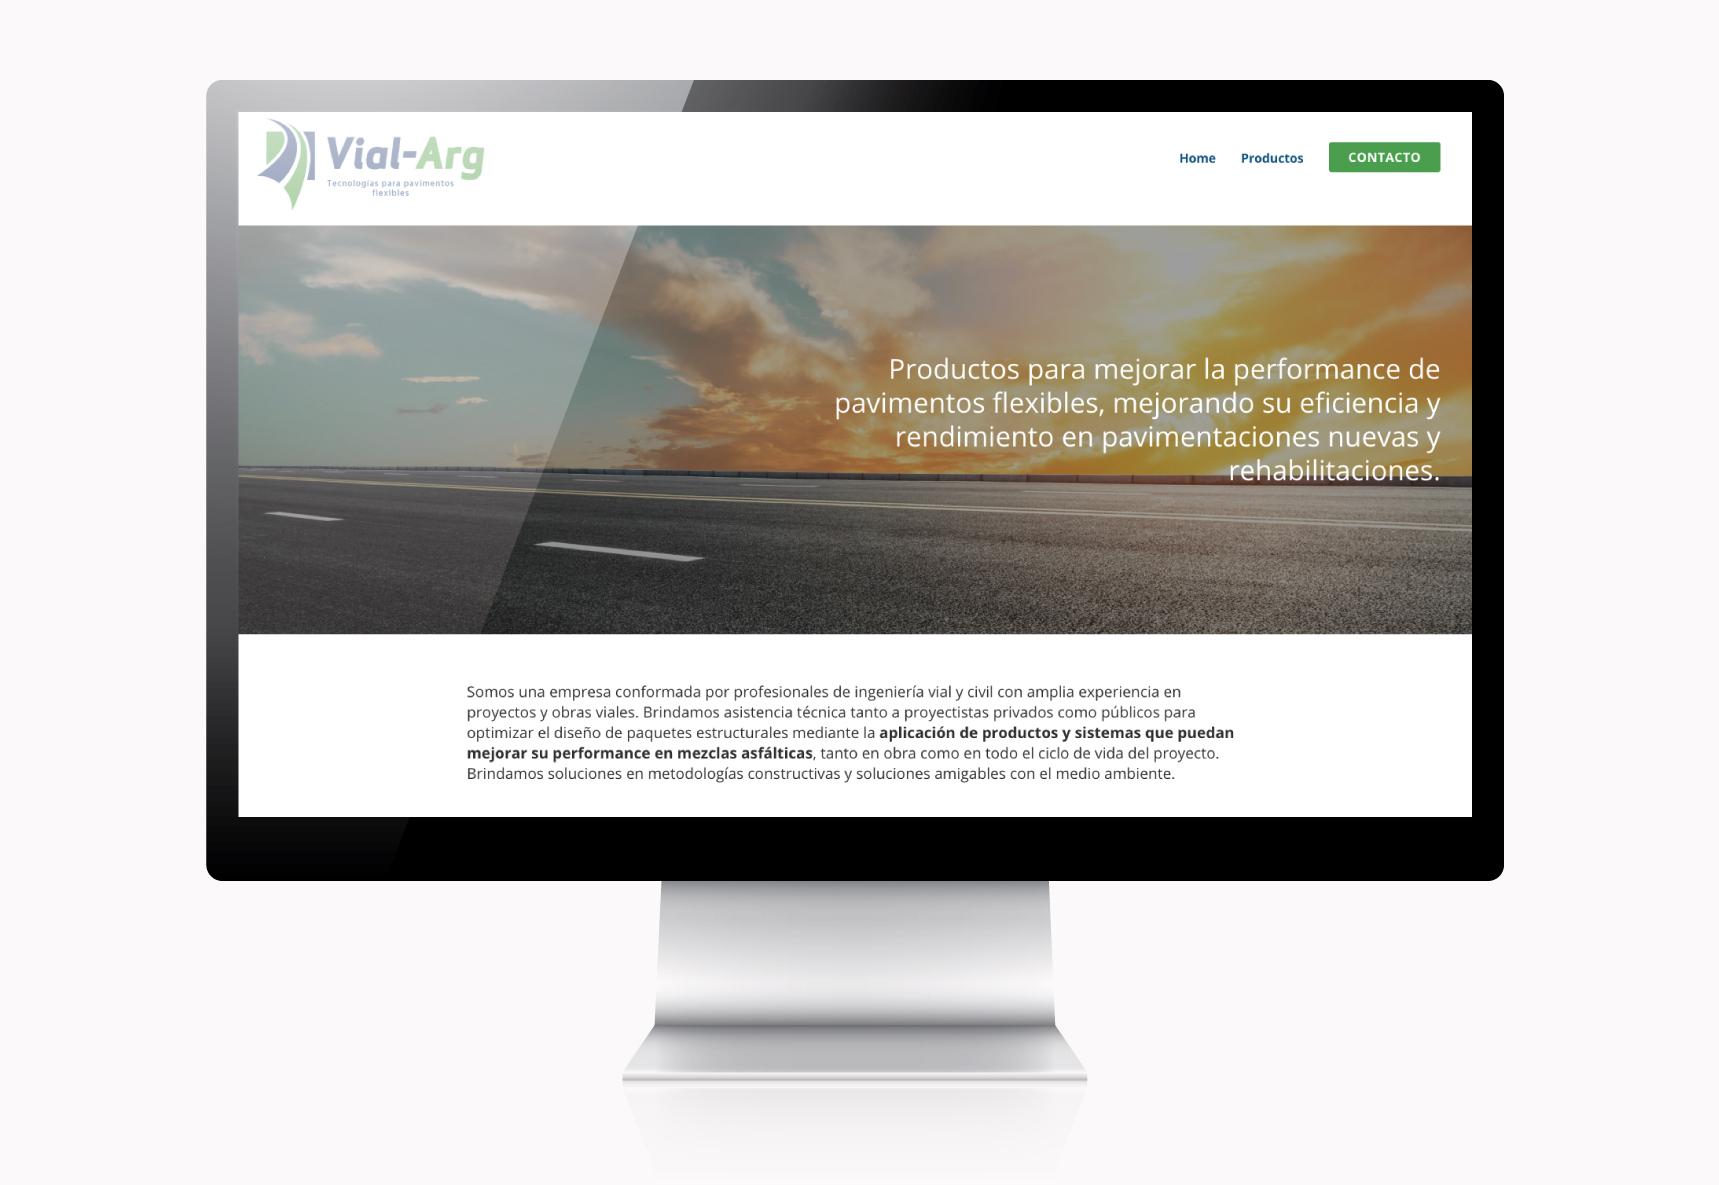 Vial-Arg-homepage